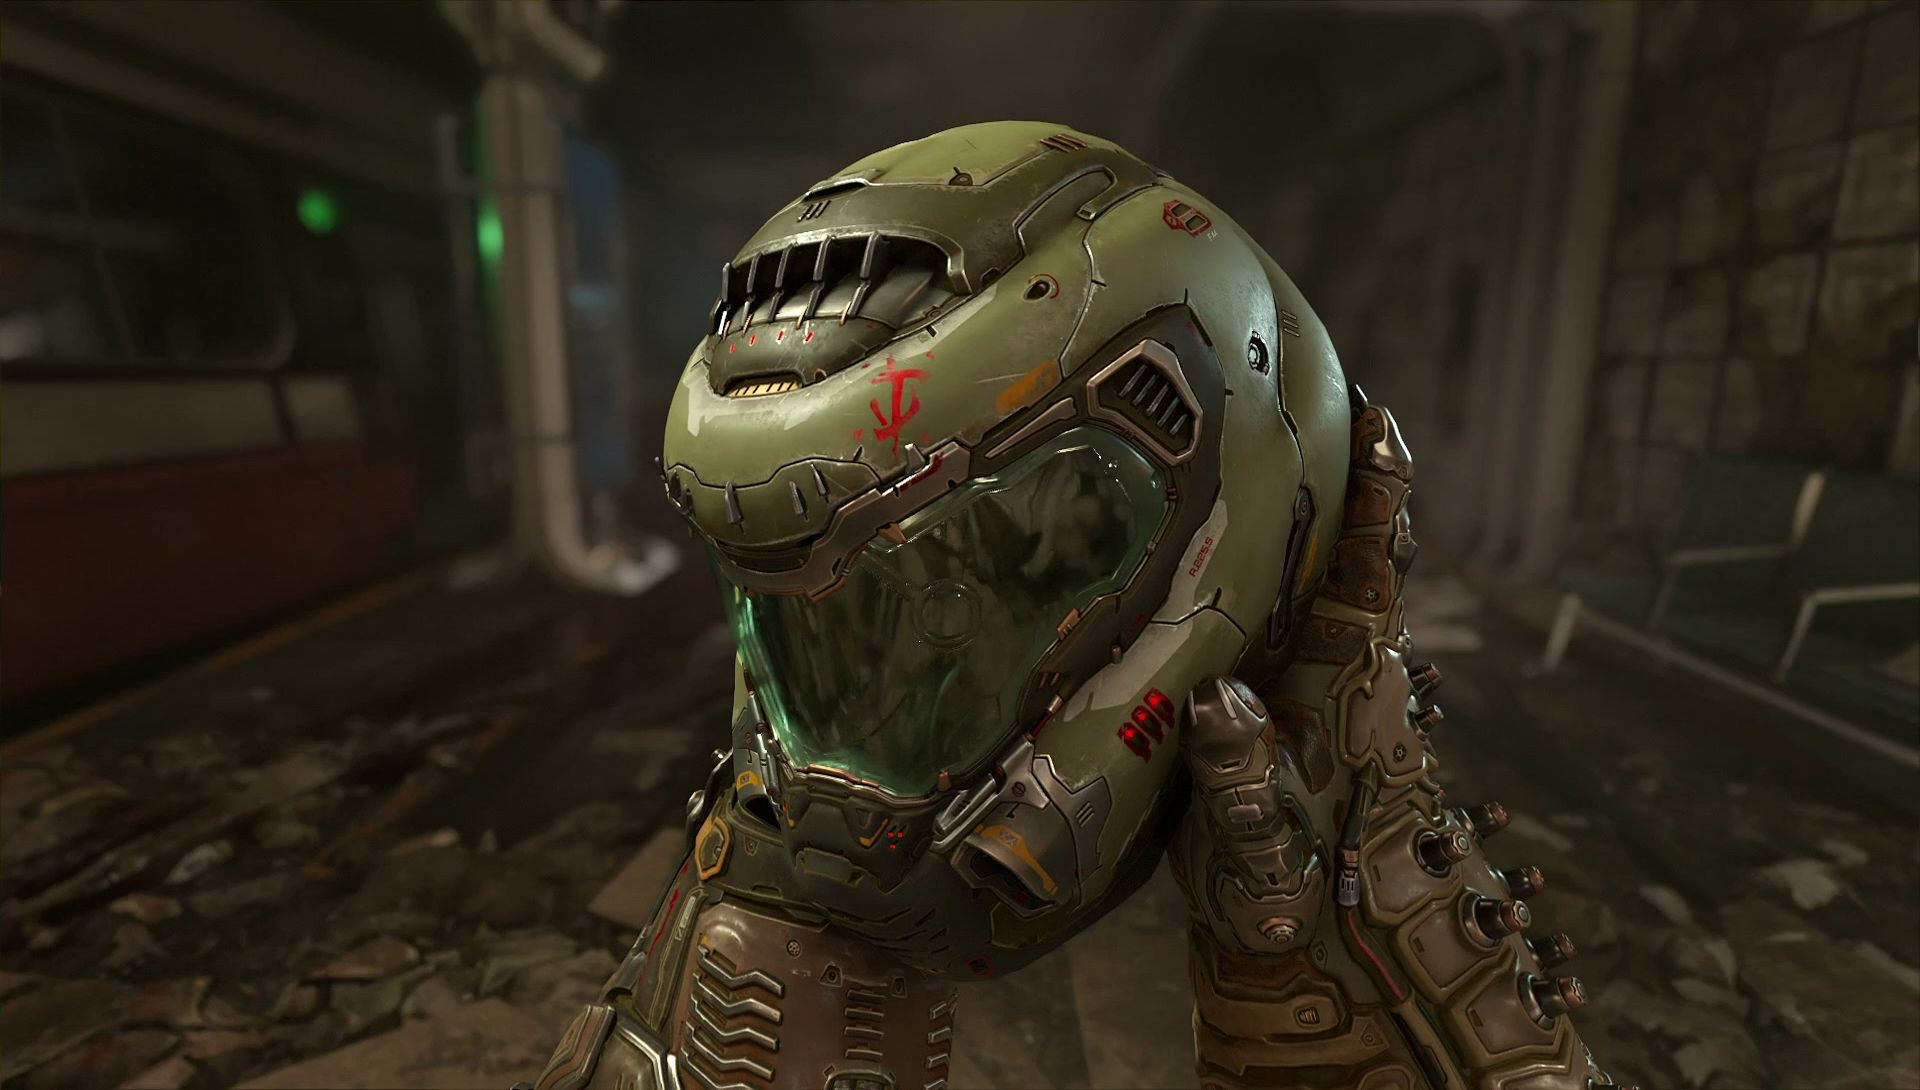 از نظر تهیهکنندهی بازی Doom Eternal موضوع خیر و شر دلیل بر سر زبان ماندن این مجموعه بوده است